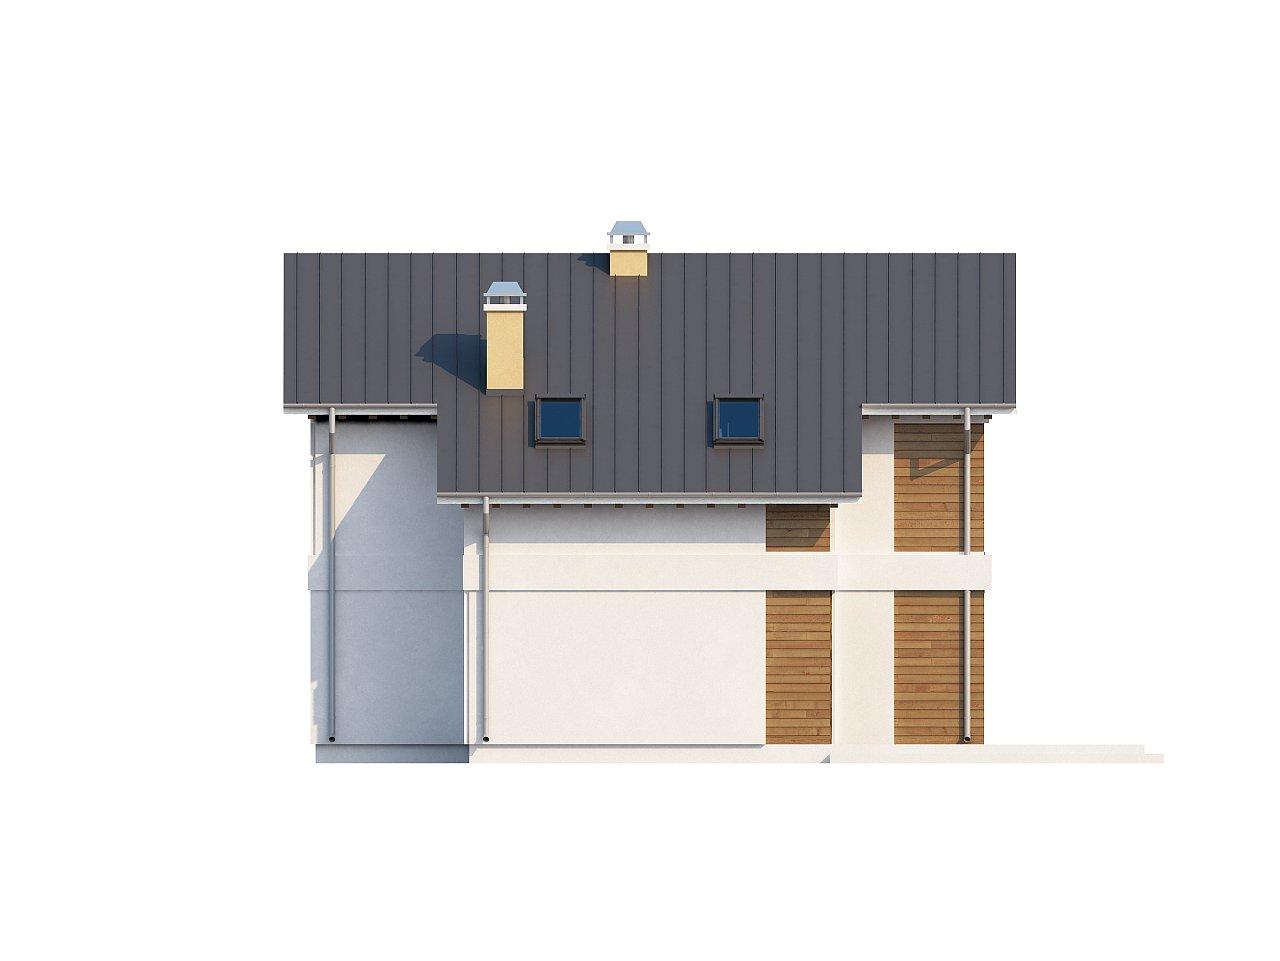 Компактный двухэтажный дом с большими окнами, подходящий для узкого участка. 5